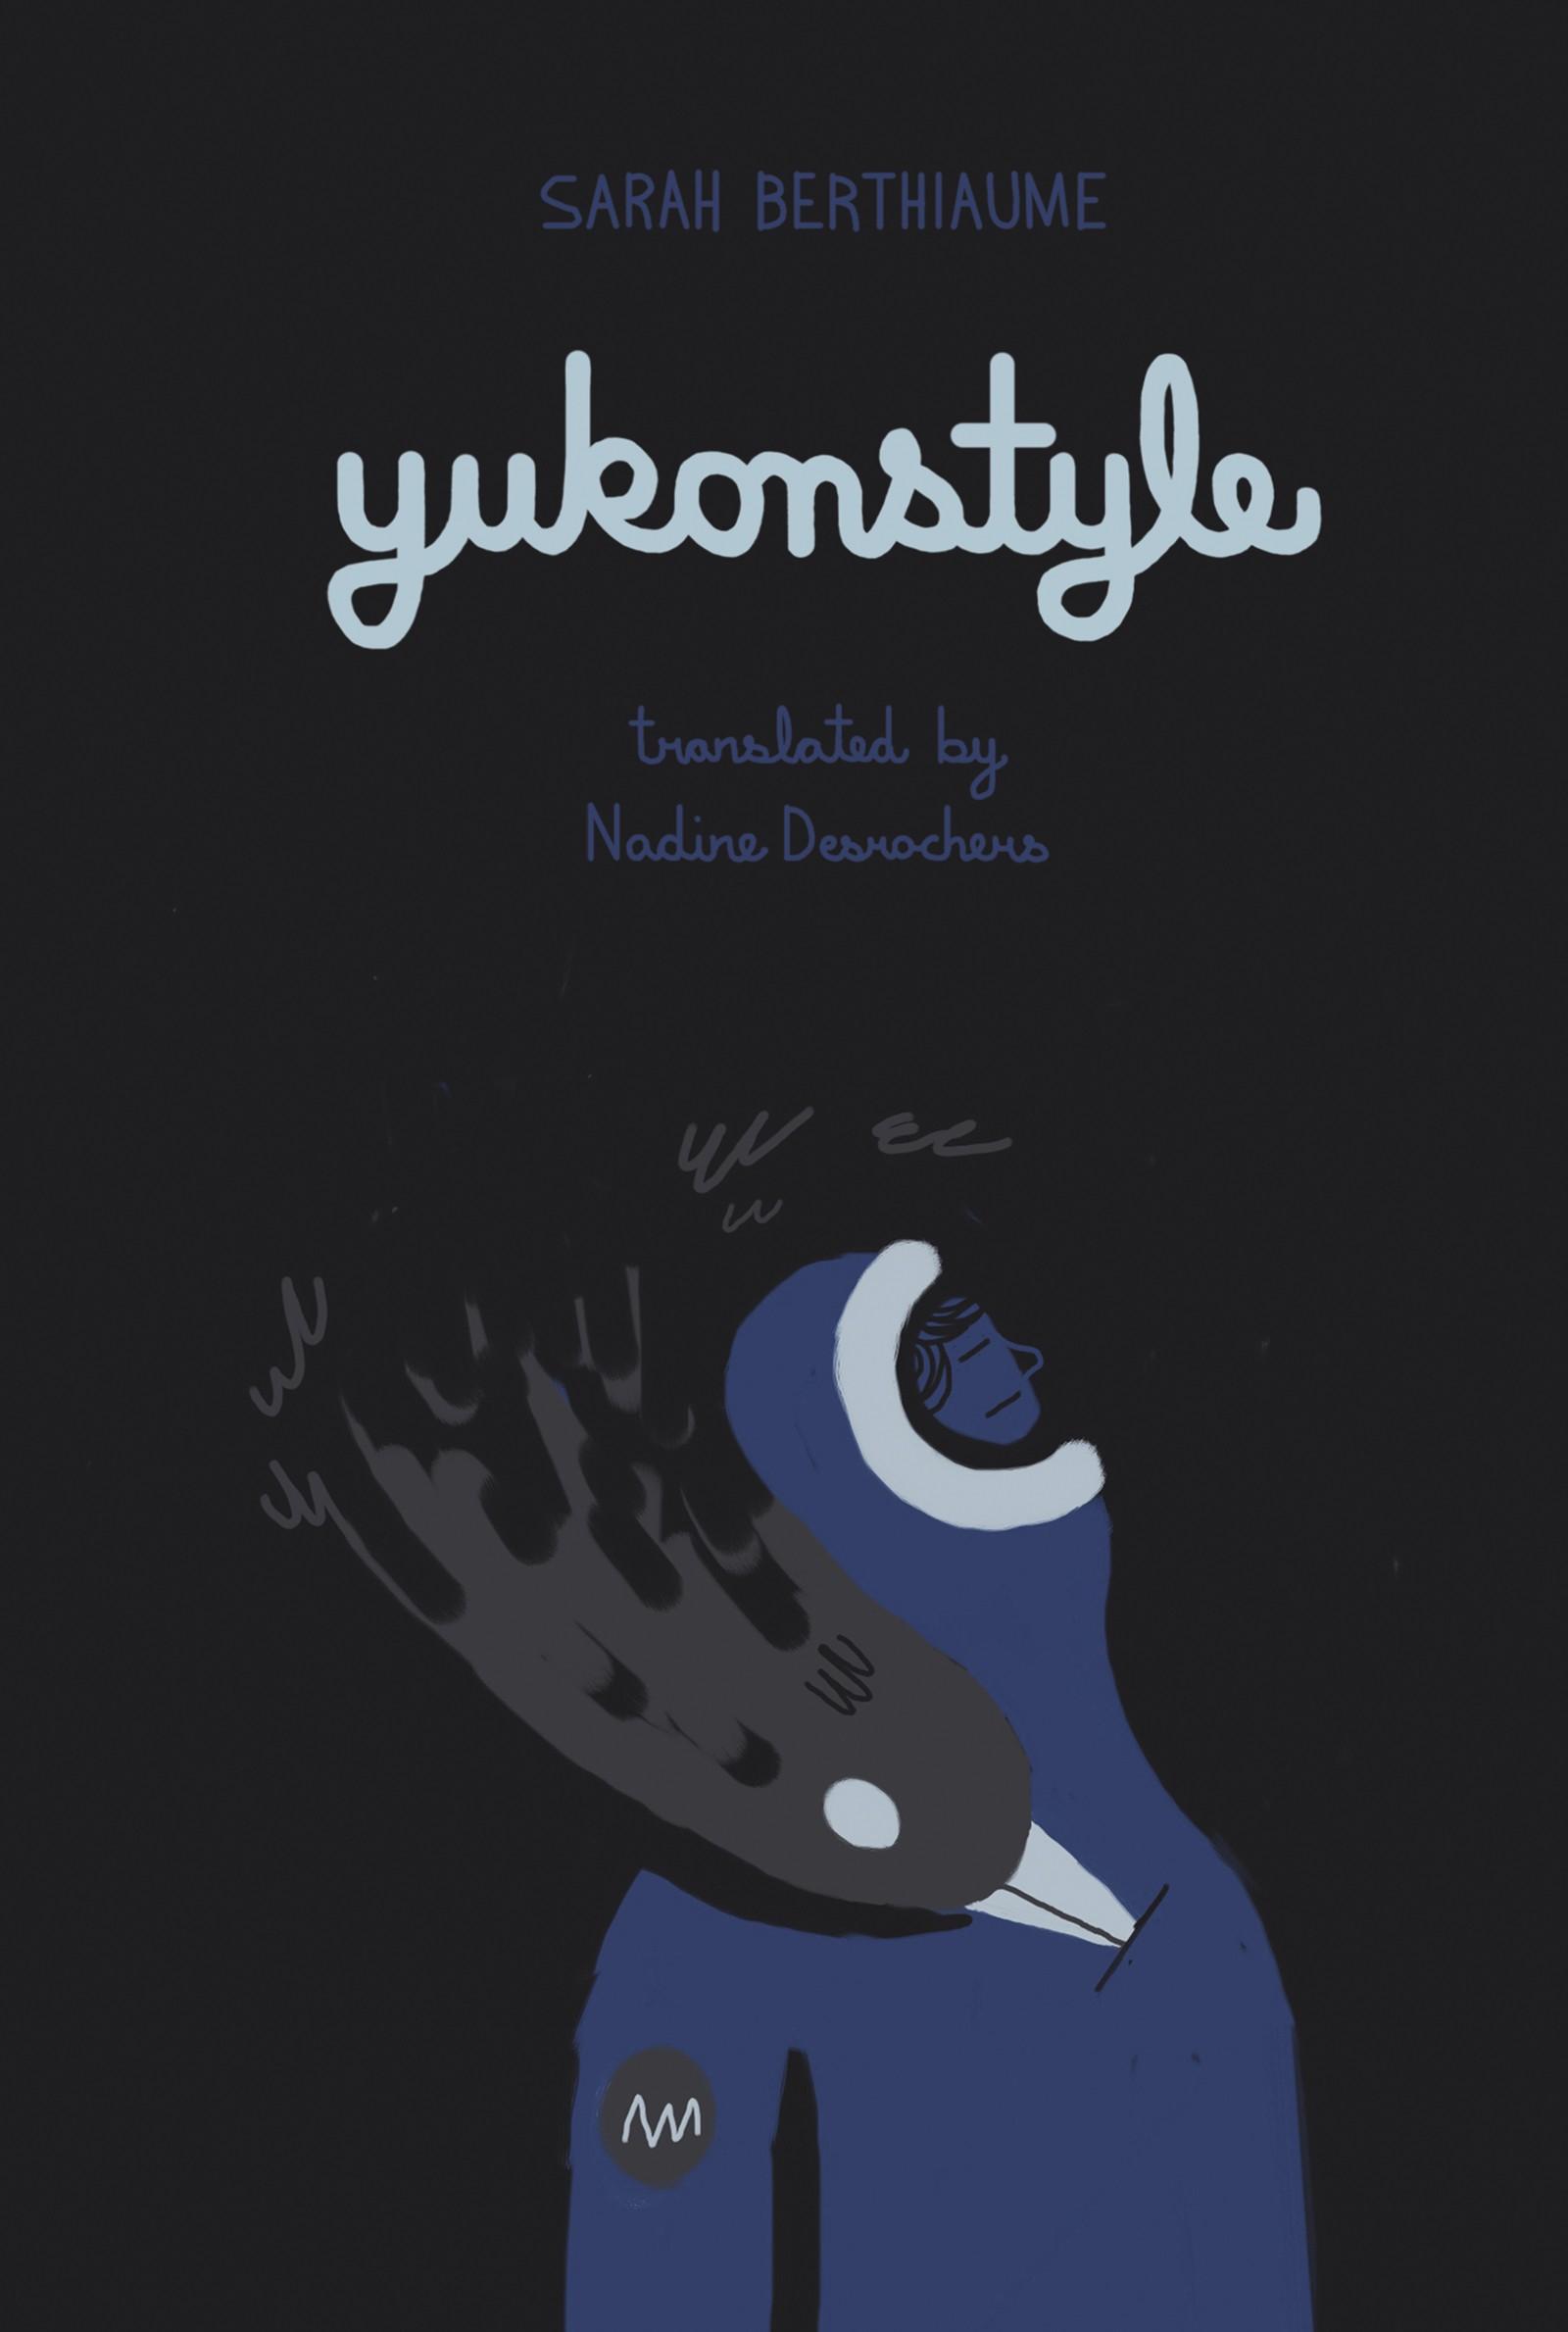 Yukonstyle (print)